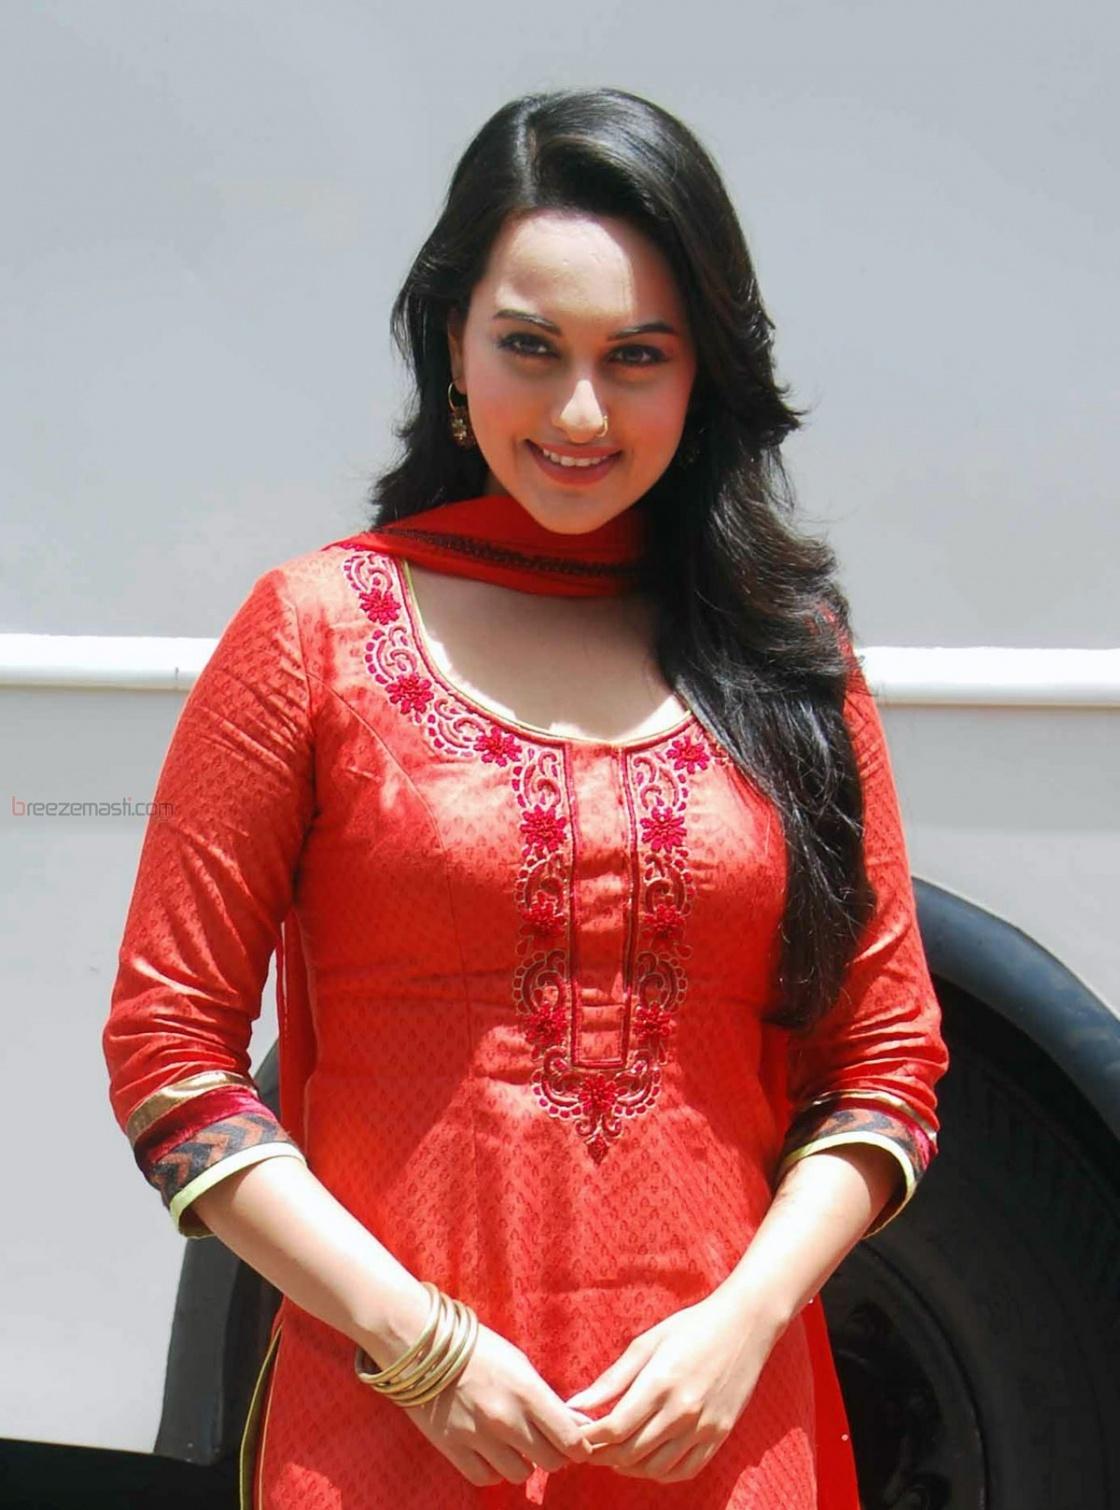 actress Sonakshi Sinha ,Sonakshi Sinha without makeup,Sonakshi Sinha